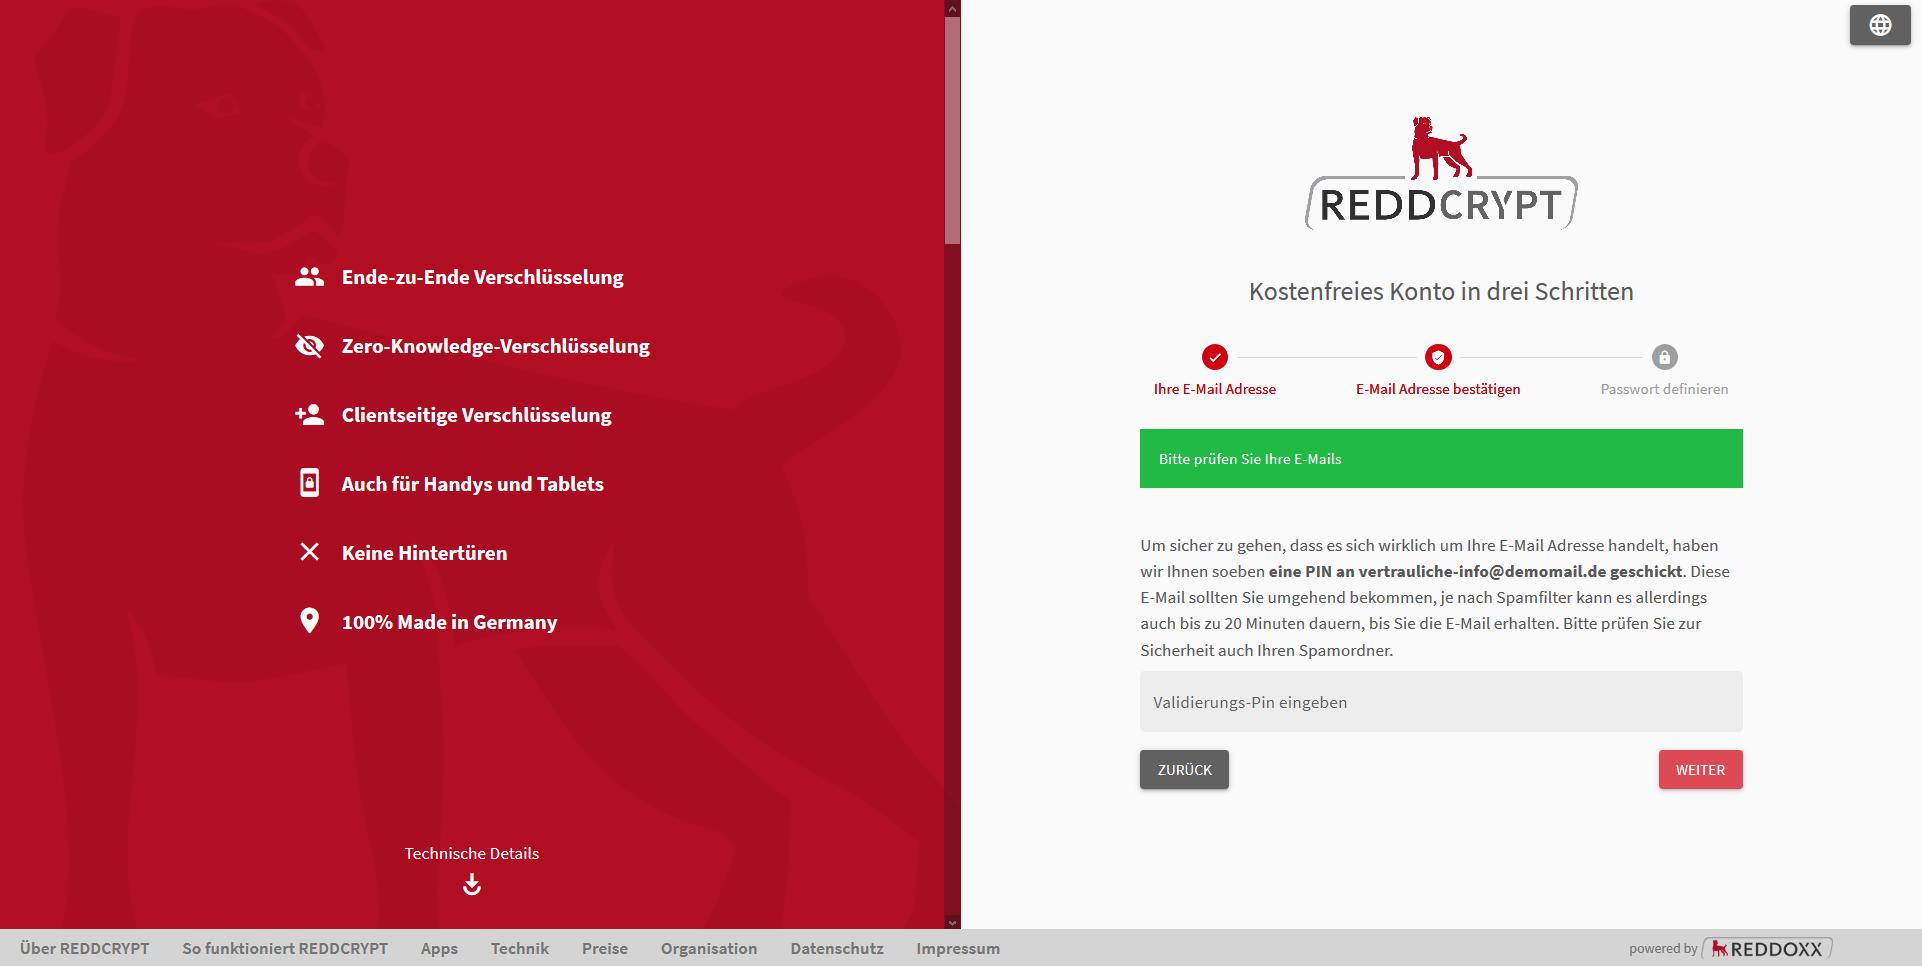 REDDCRYPT Konto mit Validierungspin bestätigen